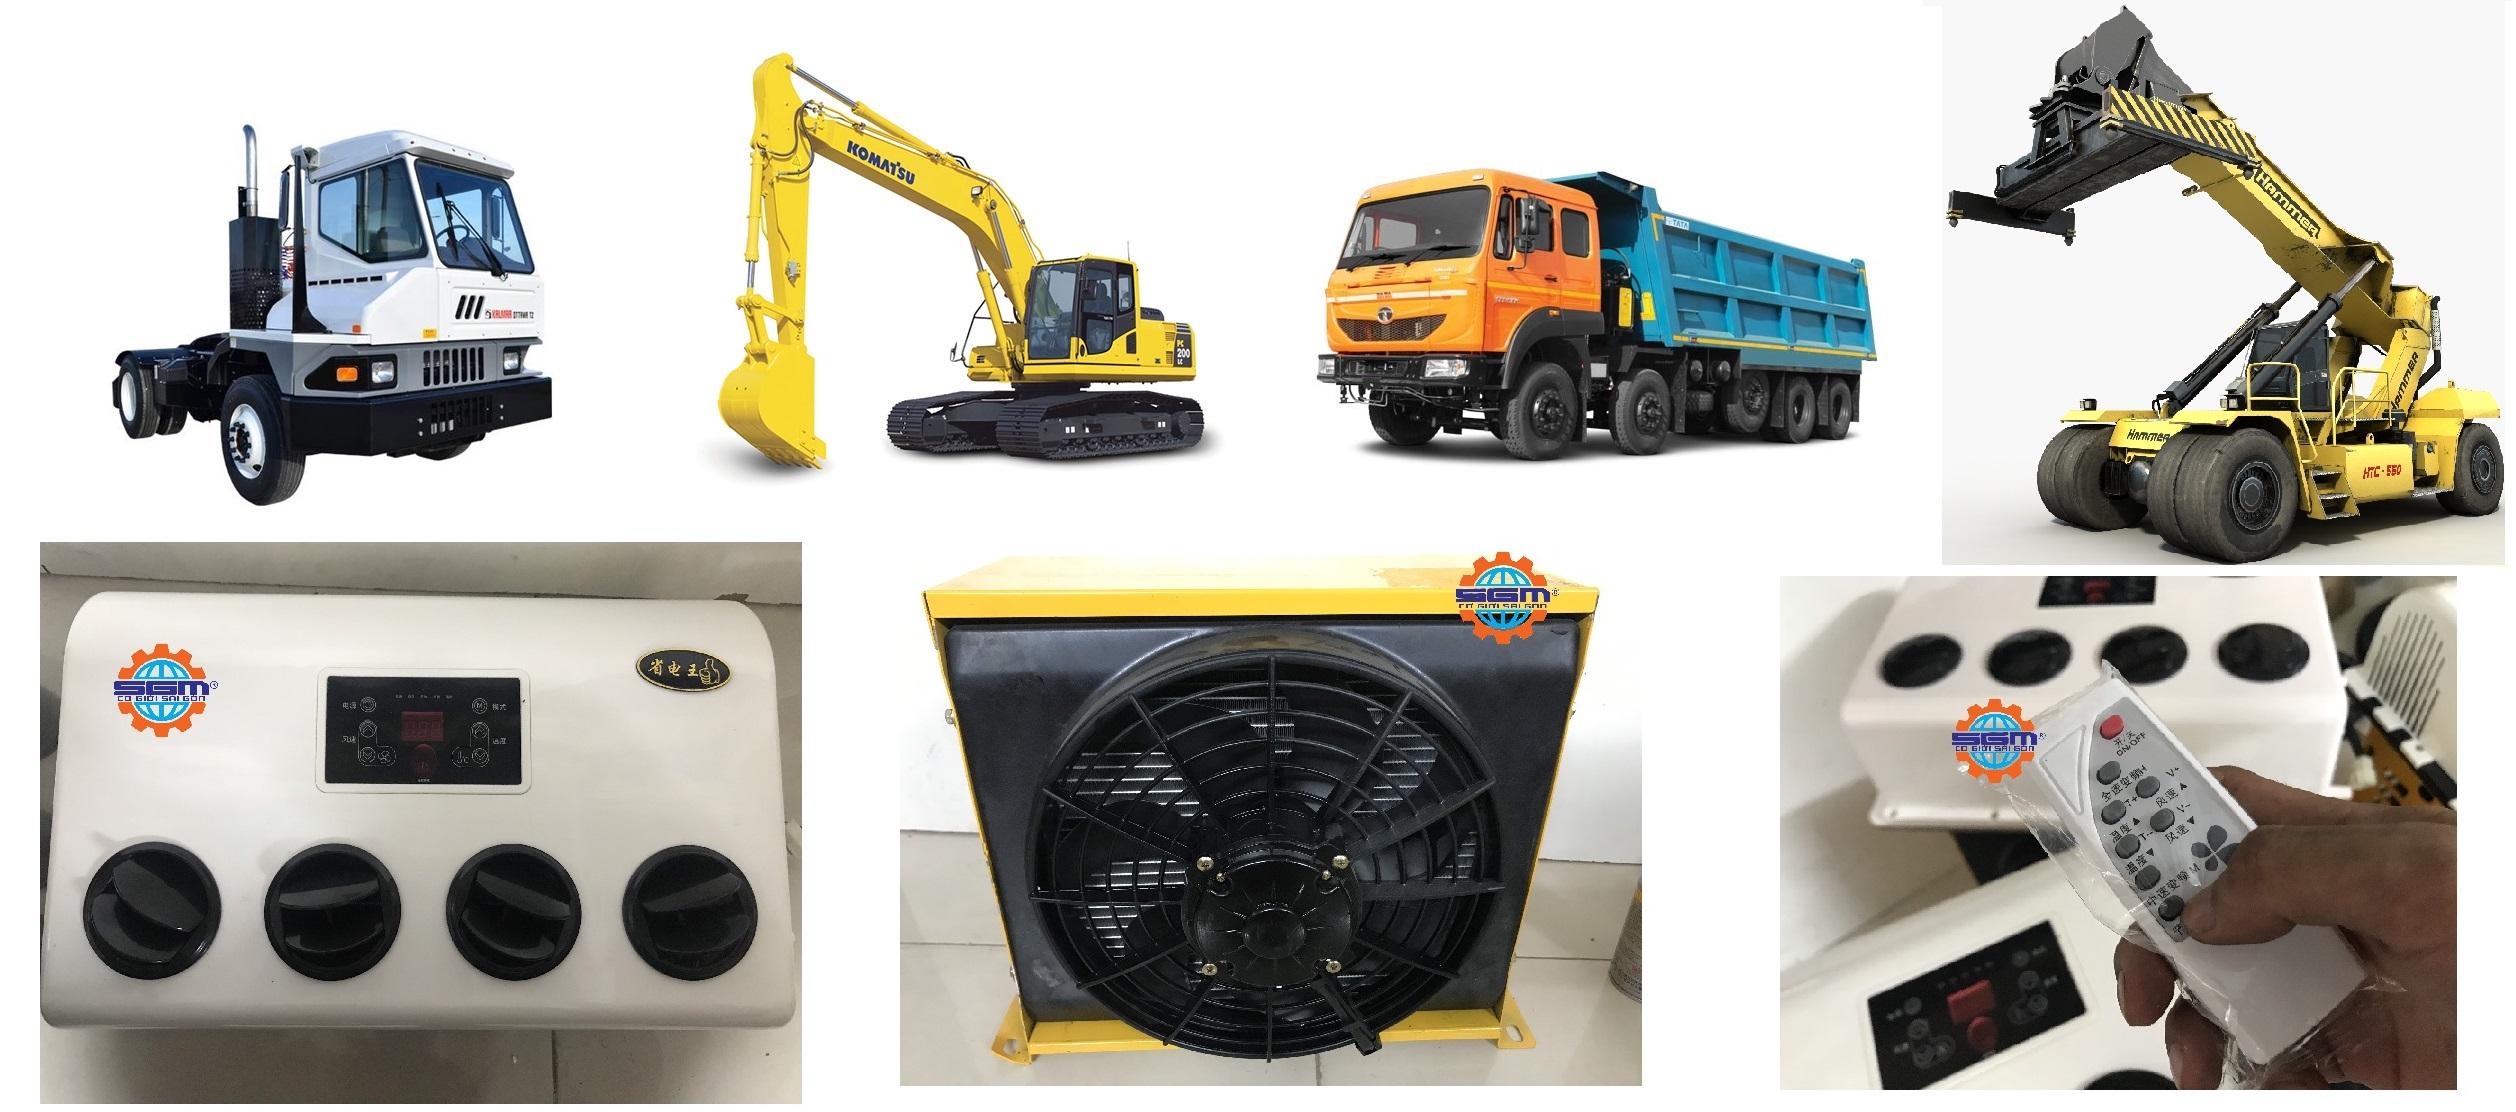 Điều hòa điện 24V/12V máy công trình, đầu kéo, xe tải